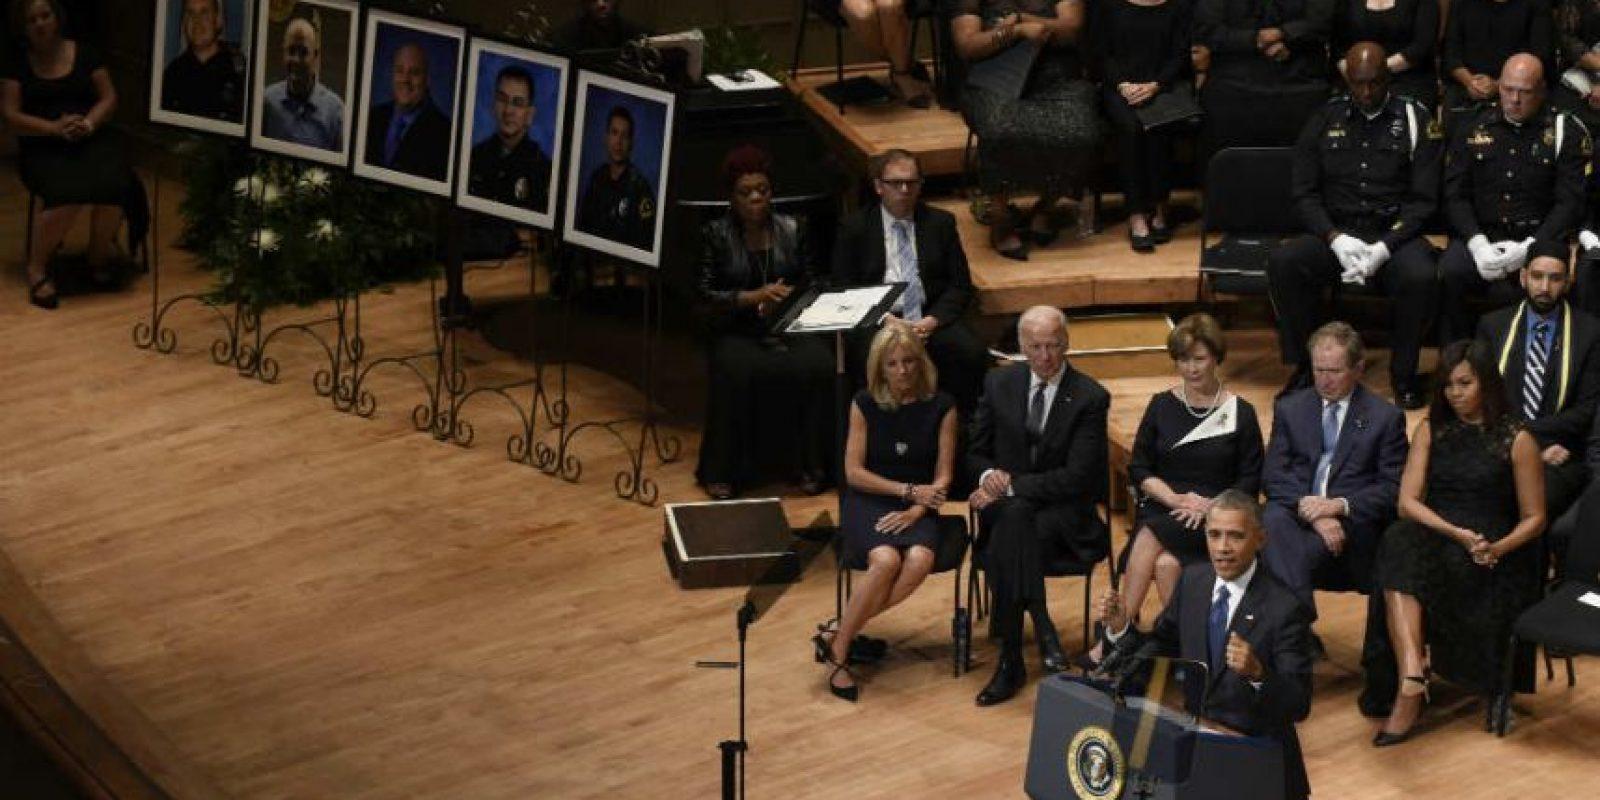 A la ceremonia asistieron la primera dama Michelle Obama, el ex presidente George W. Bush, el vicepresidente Joe Biden, entre otros Foto:AP